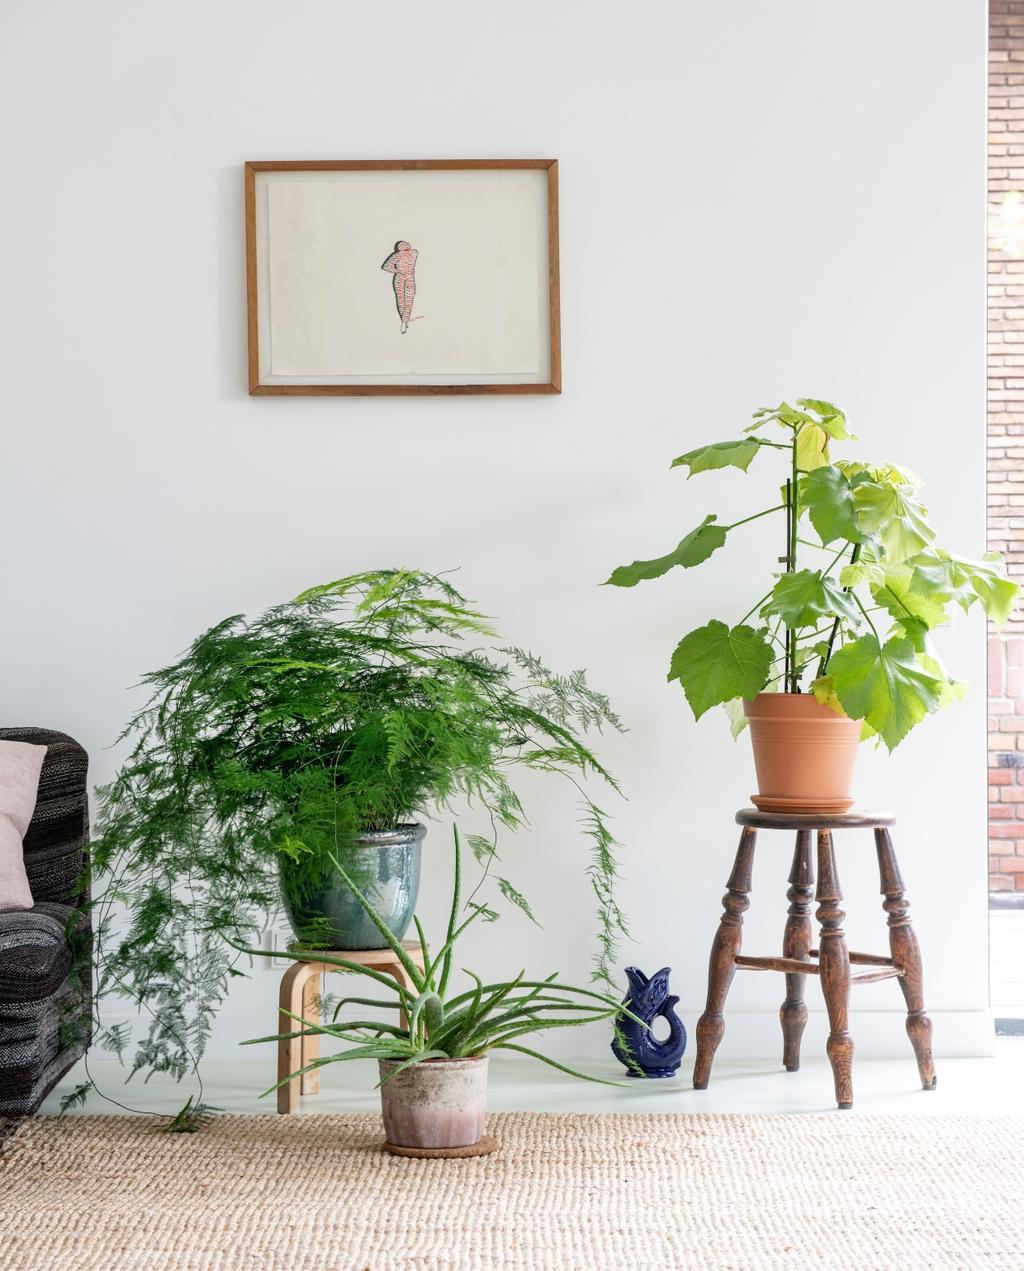 vtwonen binnenkijken 03-2020 | binnenkijken Amsterdam planten op plantenstandaard